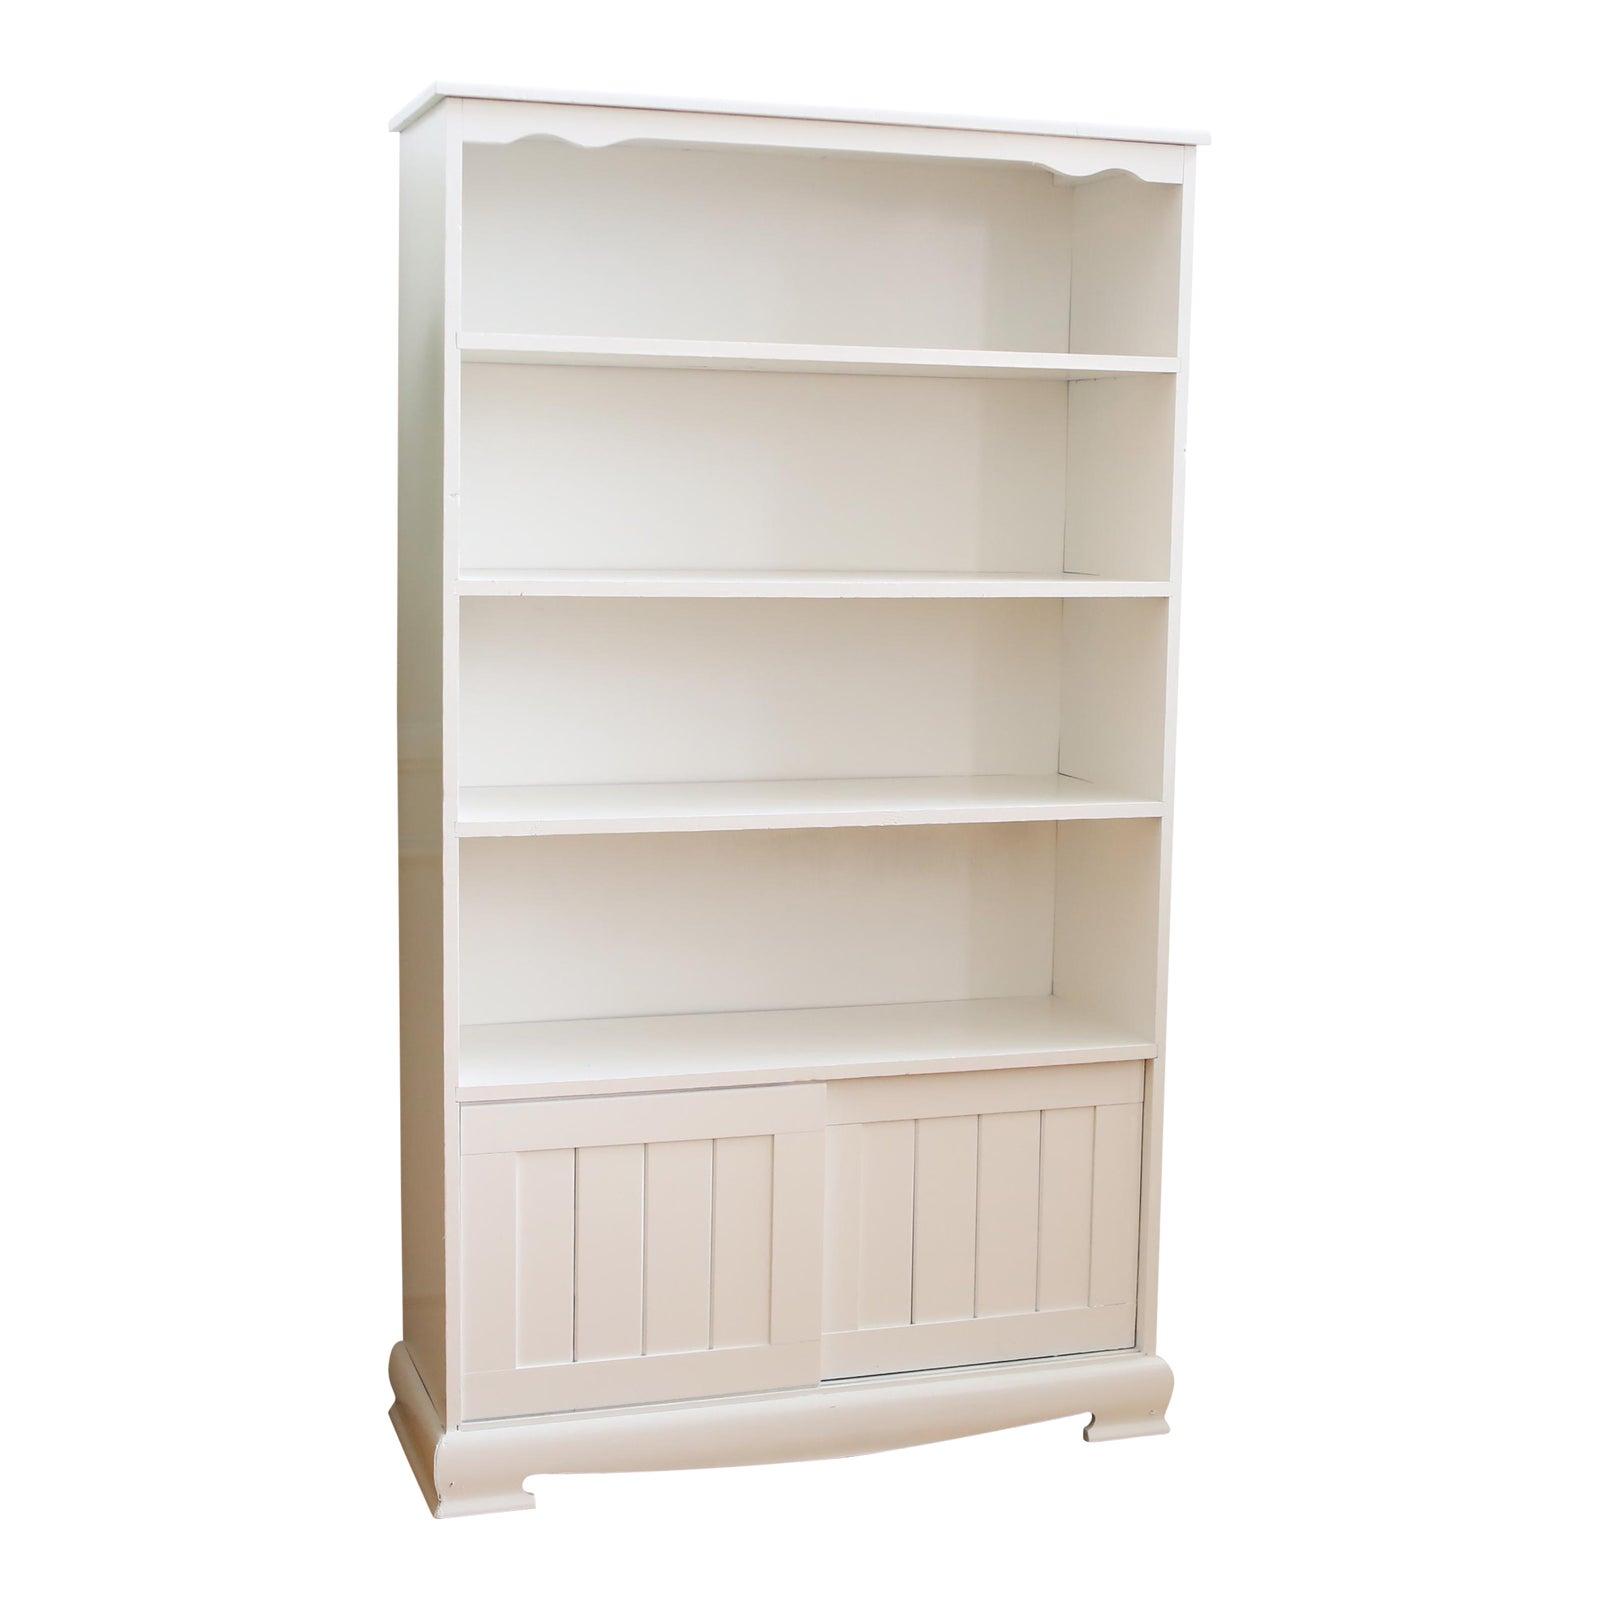 pin cream bookcase bookshelf chic shabby low